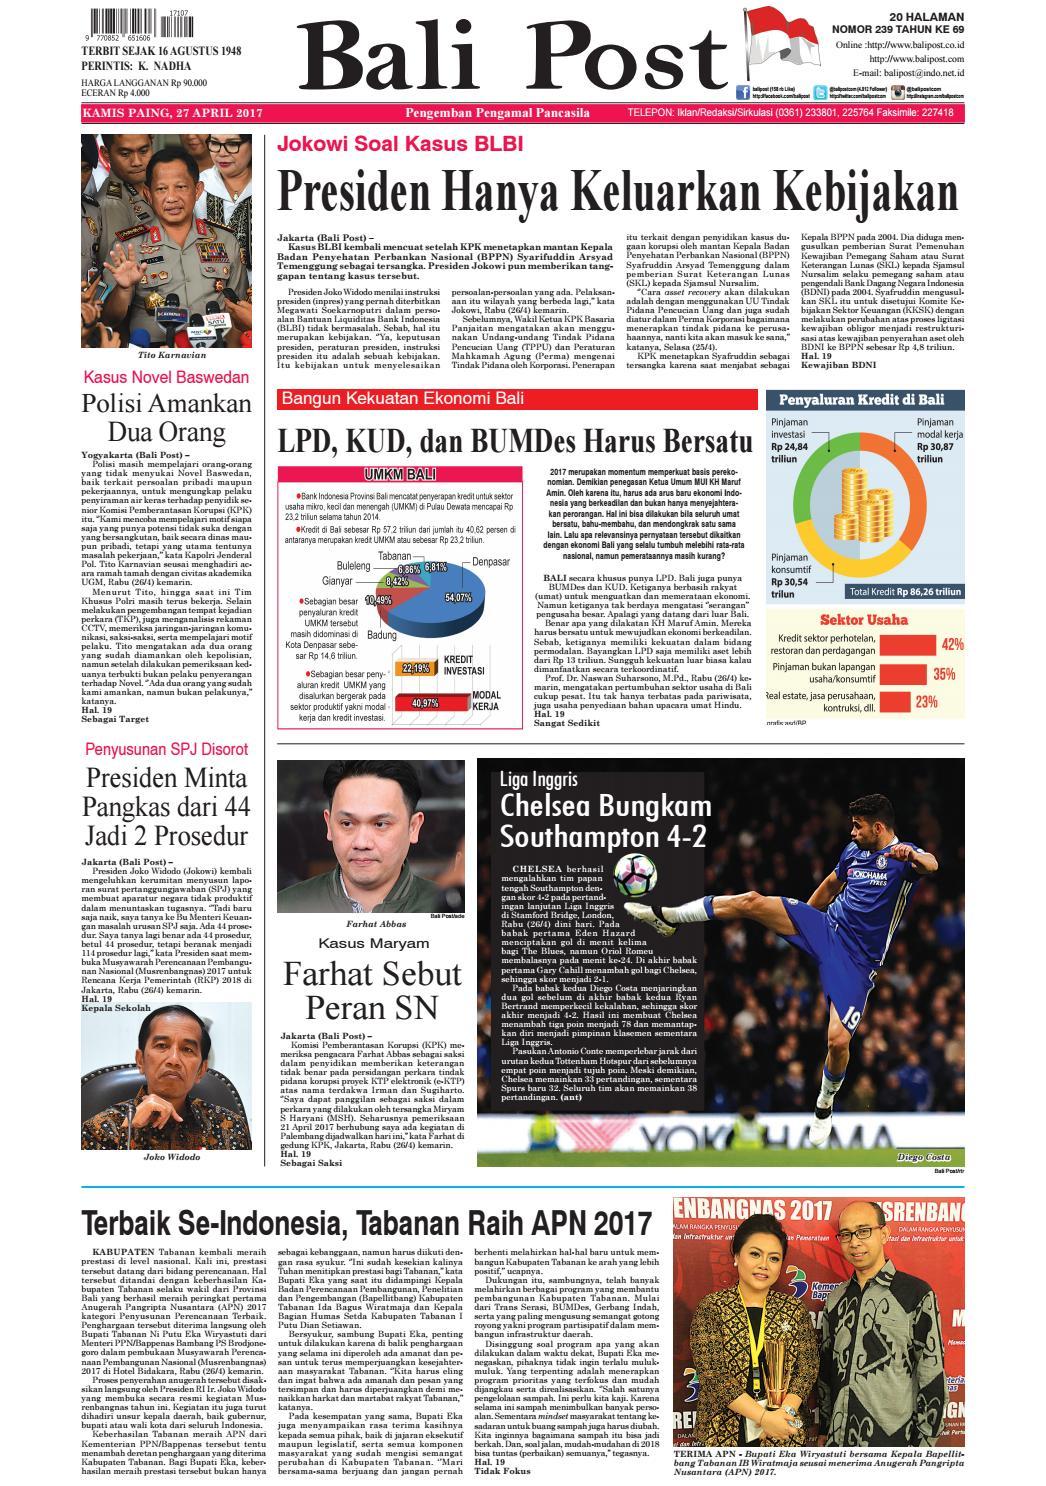 Edisi 27 April 2017 Balipostcom By E Paper Kmb Issuu Produk Ukm Bumn Dompet Double Bordir Rikaamp039s